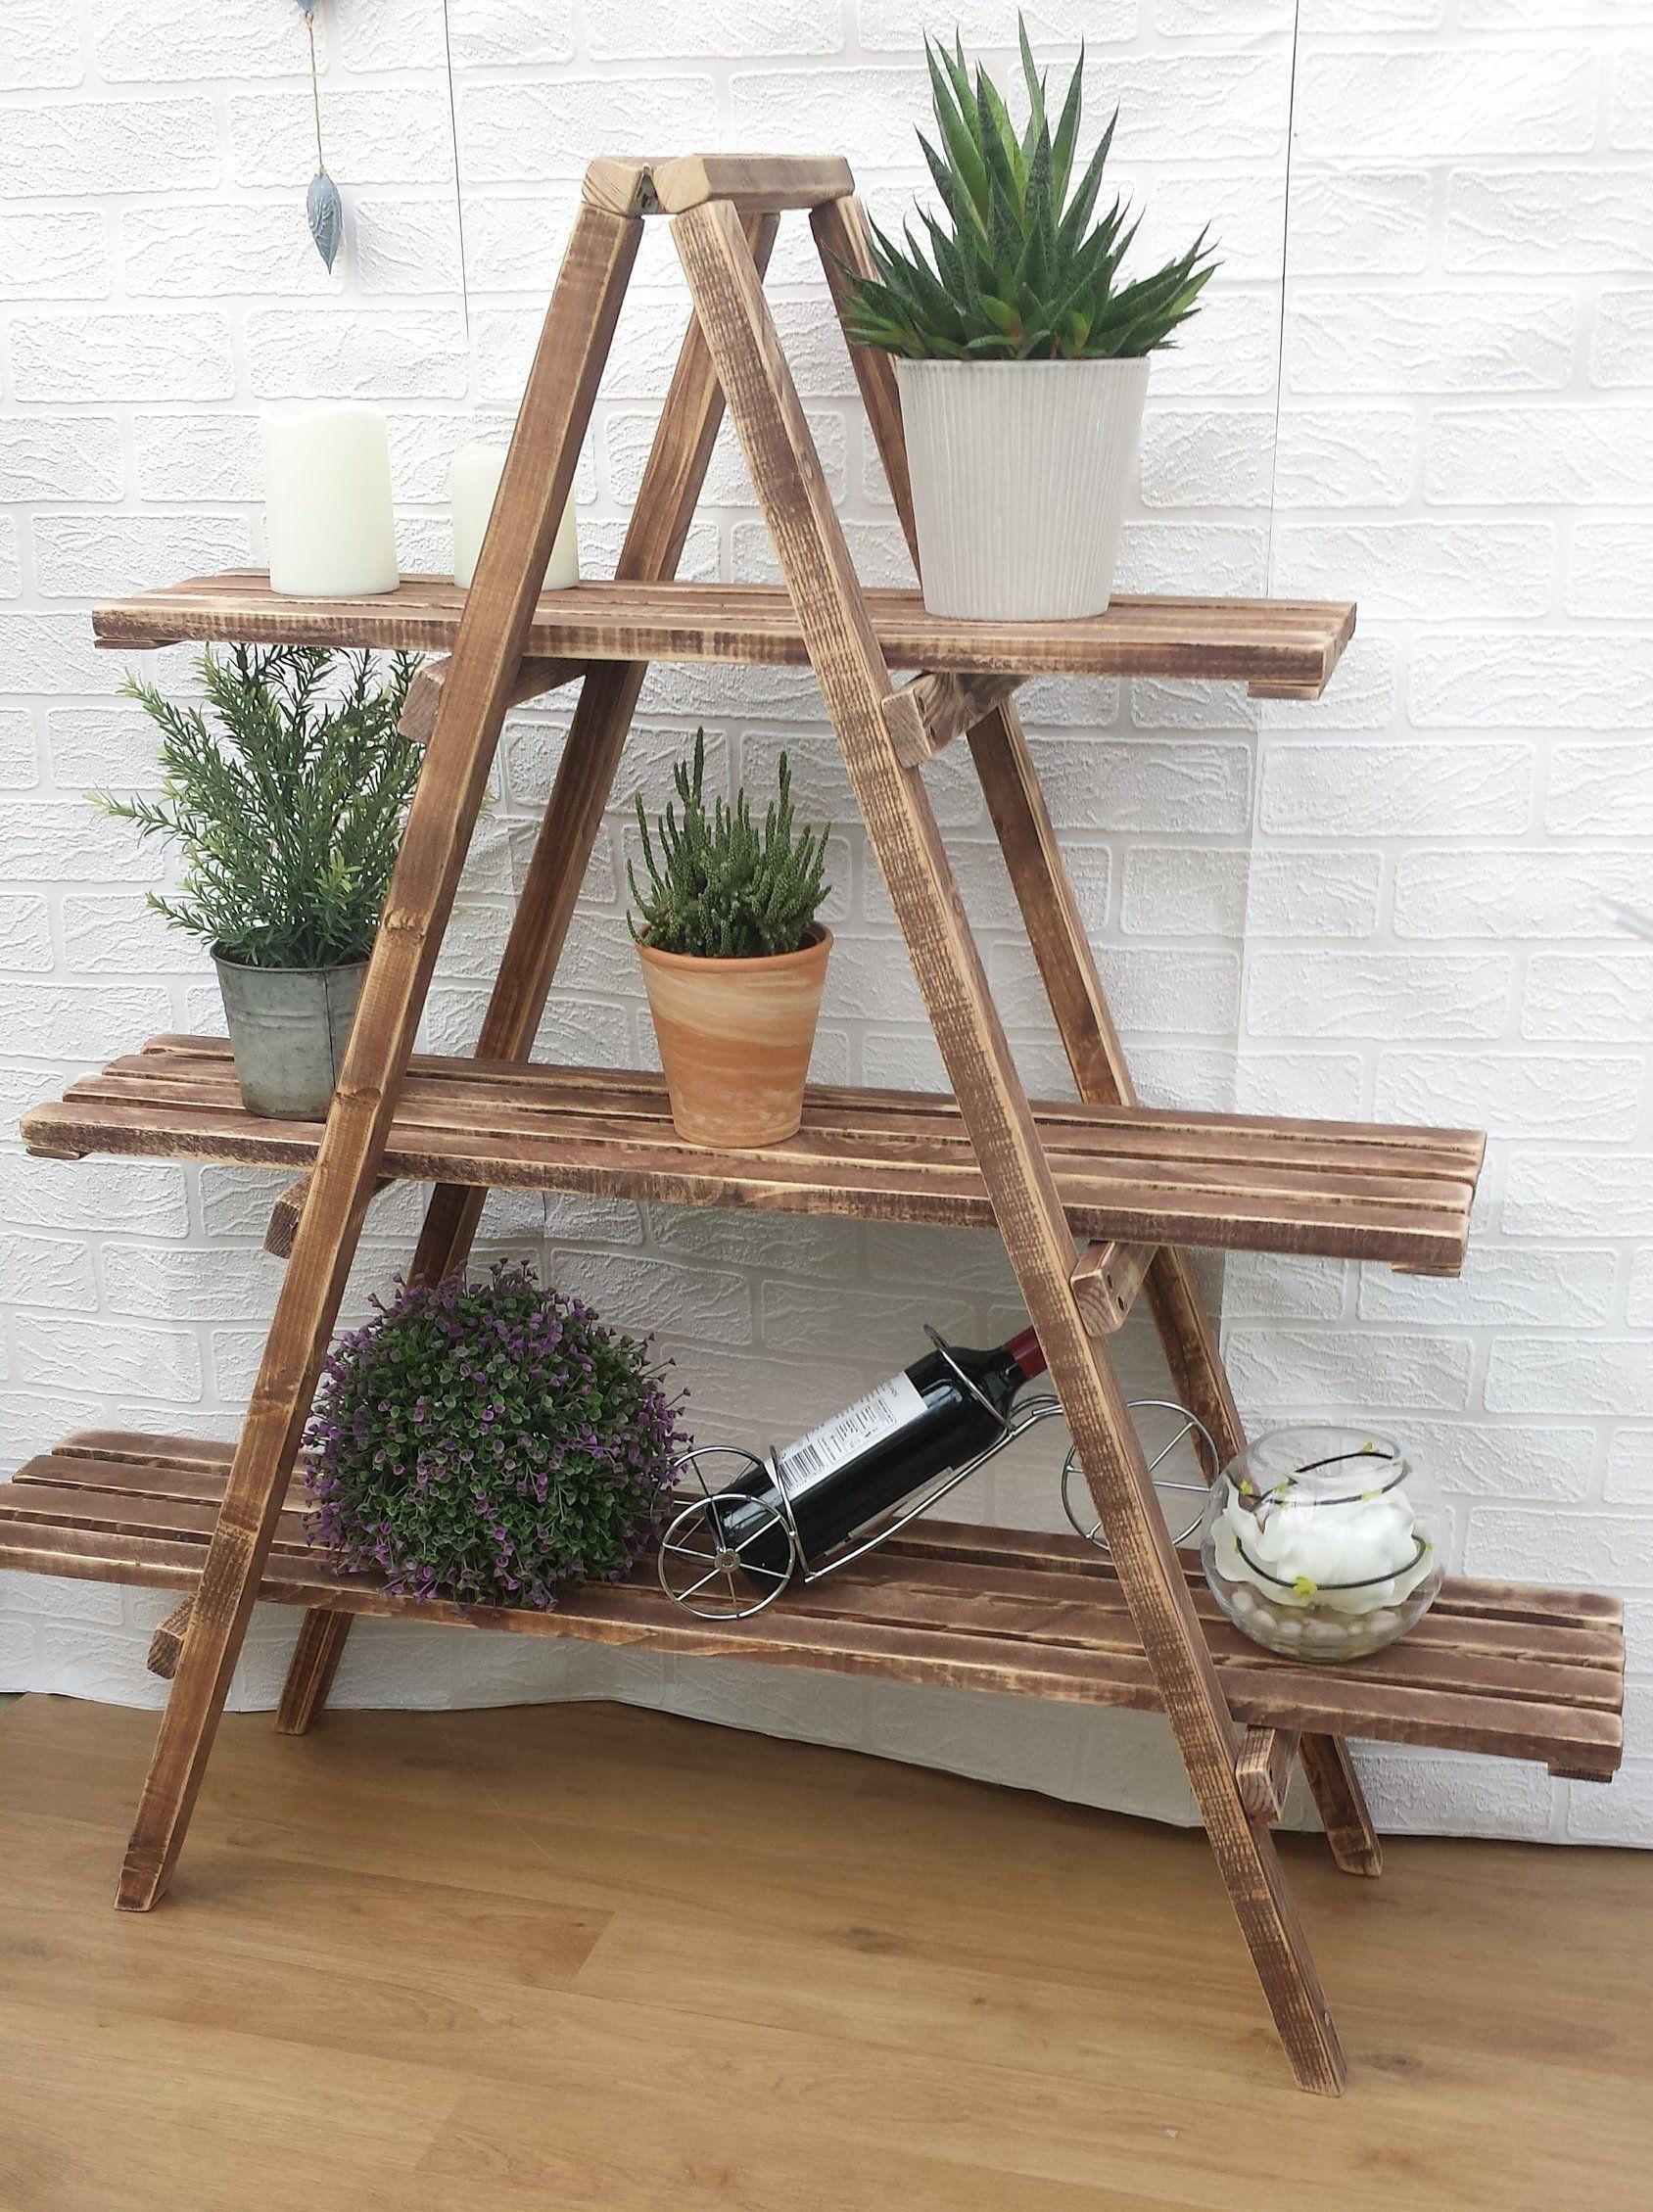 3 Tier Wooden Ladder Shelf Etsy Repisas De Madera Rusticas Muebles De Guacales Muebles Hechos Con Tarimas